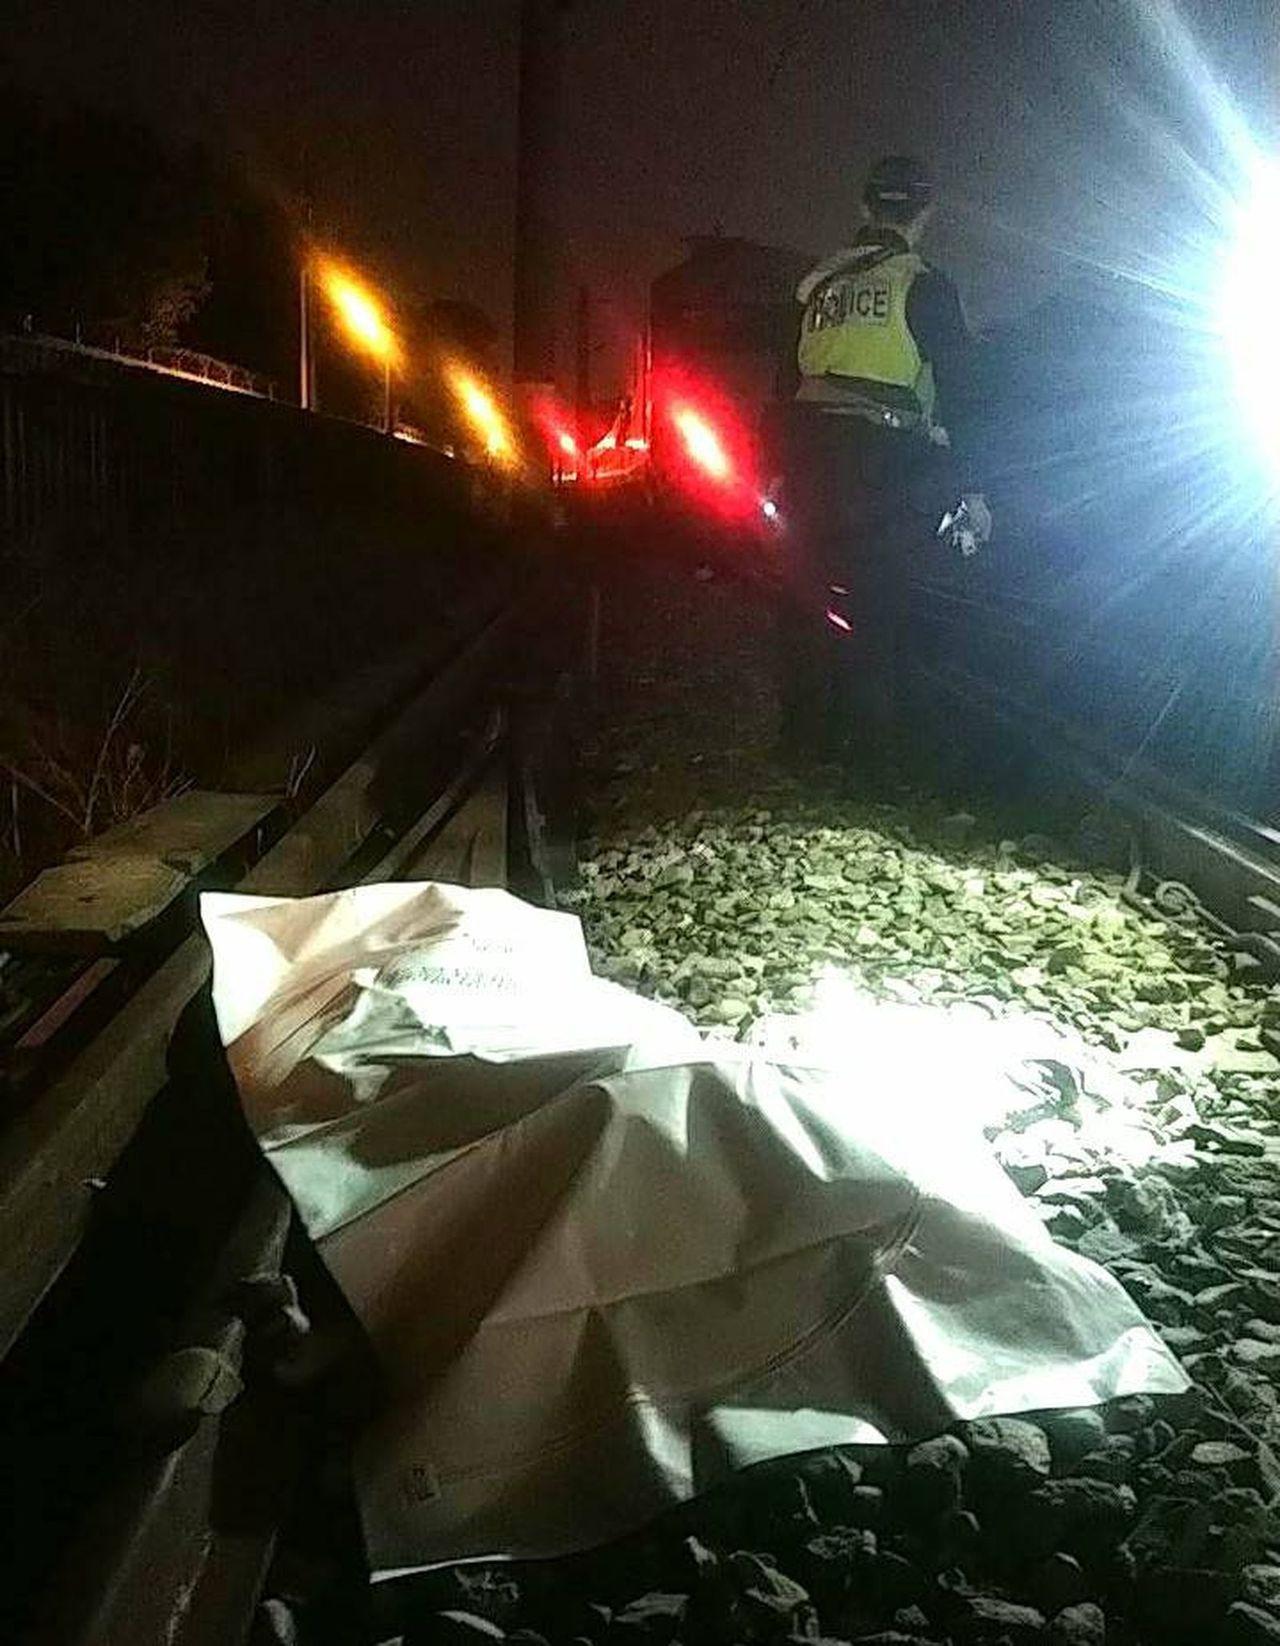 鐵路局自強號141次南下列車,今晚6時許行經桃園市內壢自立新村平交道時,撞到一名...